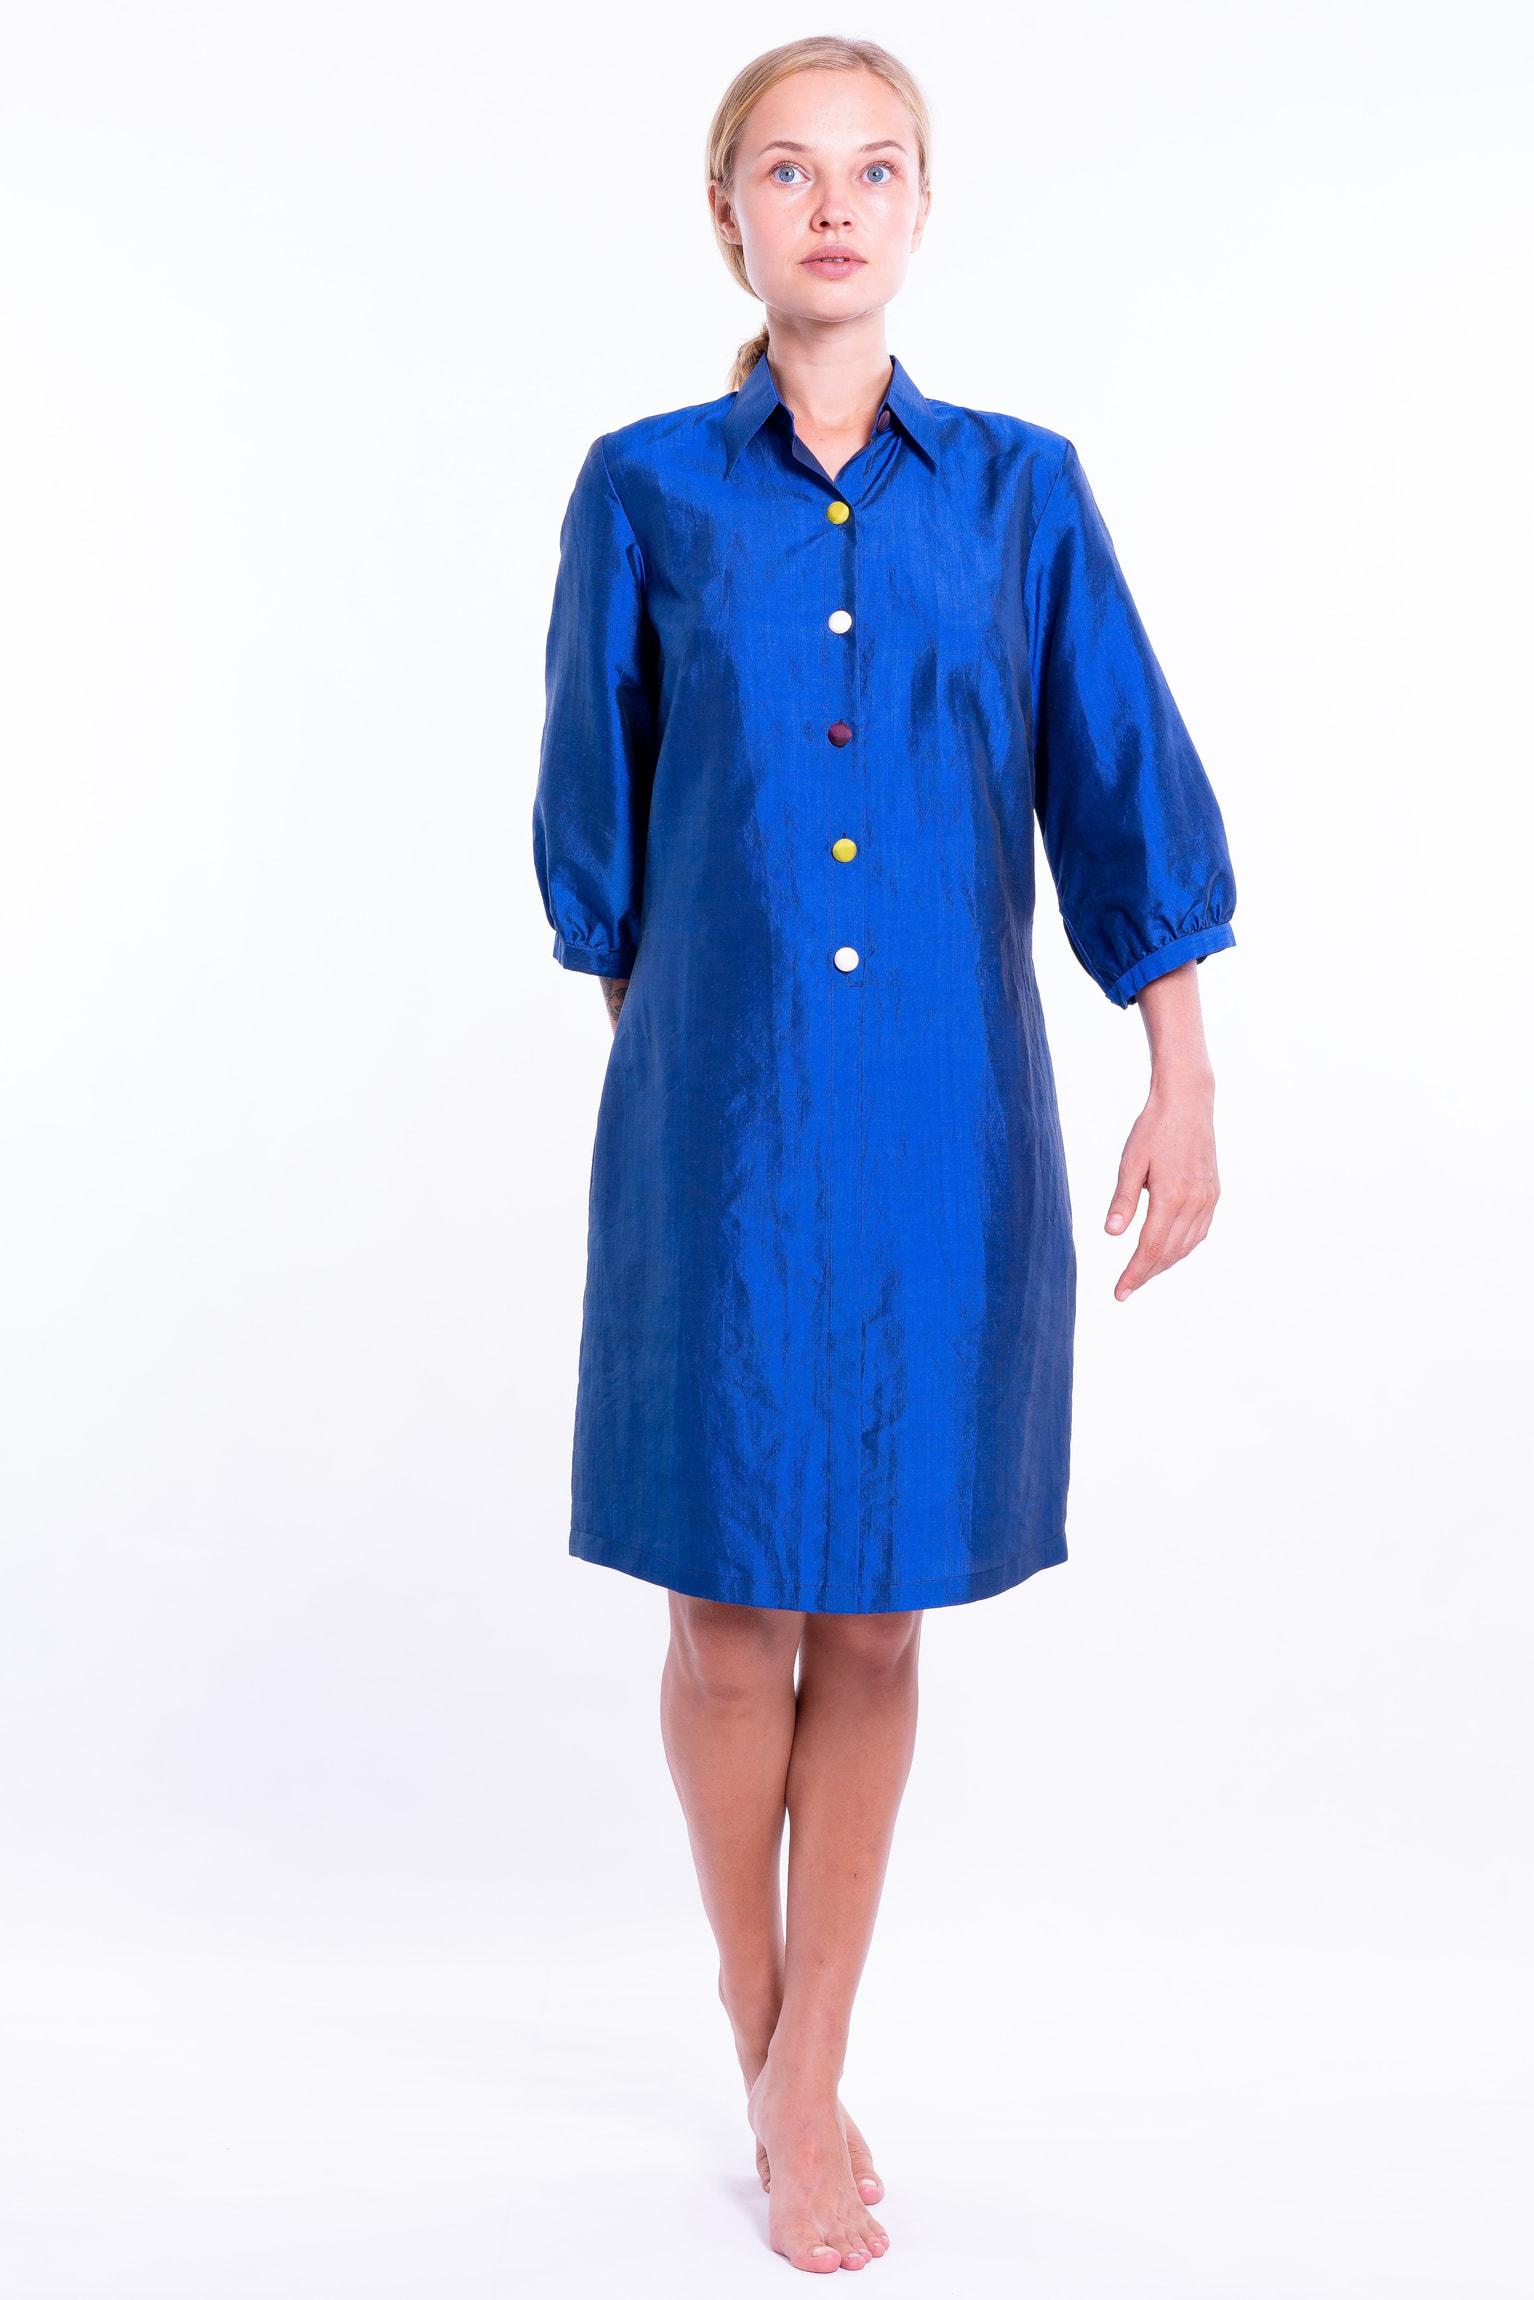 robe bleu lazuli en soie naturelle avec boutons colorés, manches trois-quarts, devant